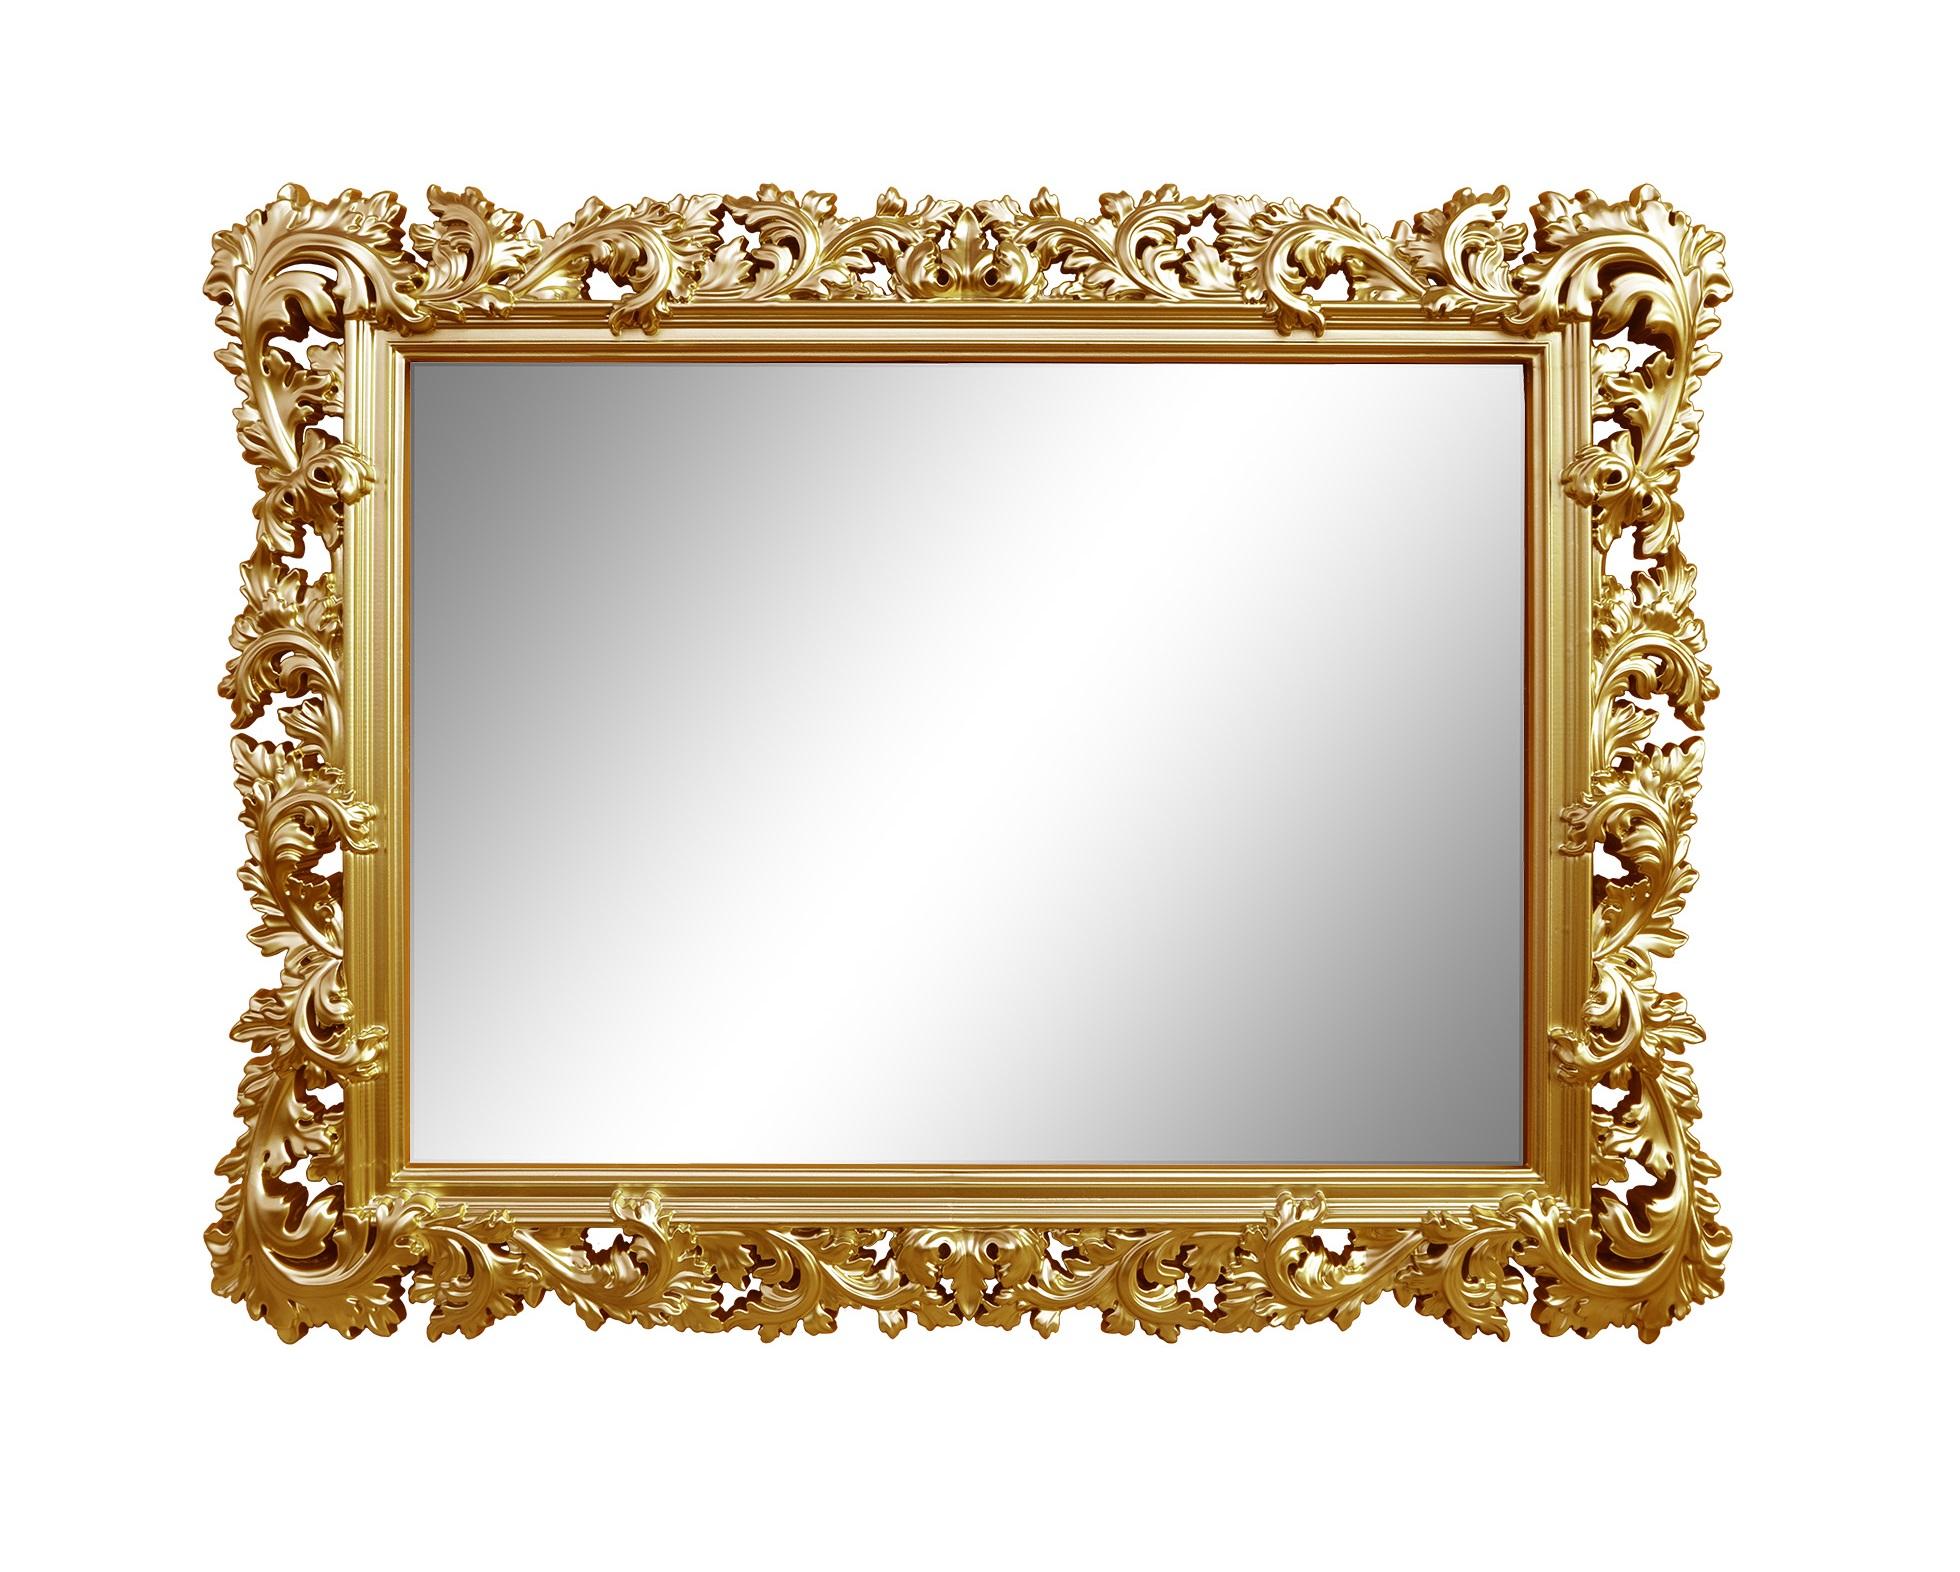 Зеркало АлианаНастенные зеркала<br><br><br>Material: Стекло<br>Length см: None<br>Width см: 115<br>Depth см: 4<br>Height см: 88